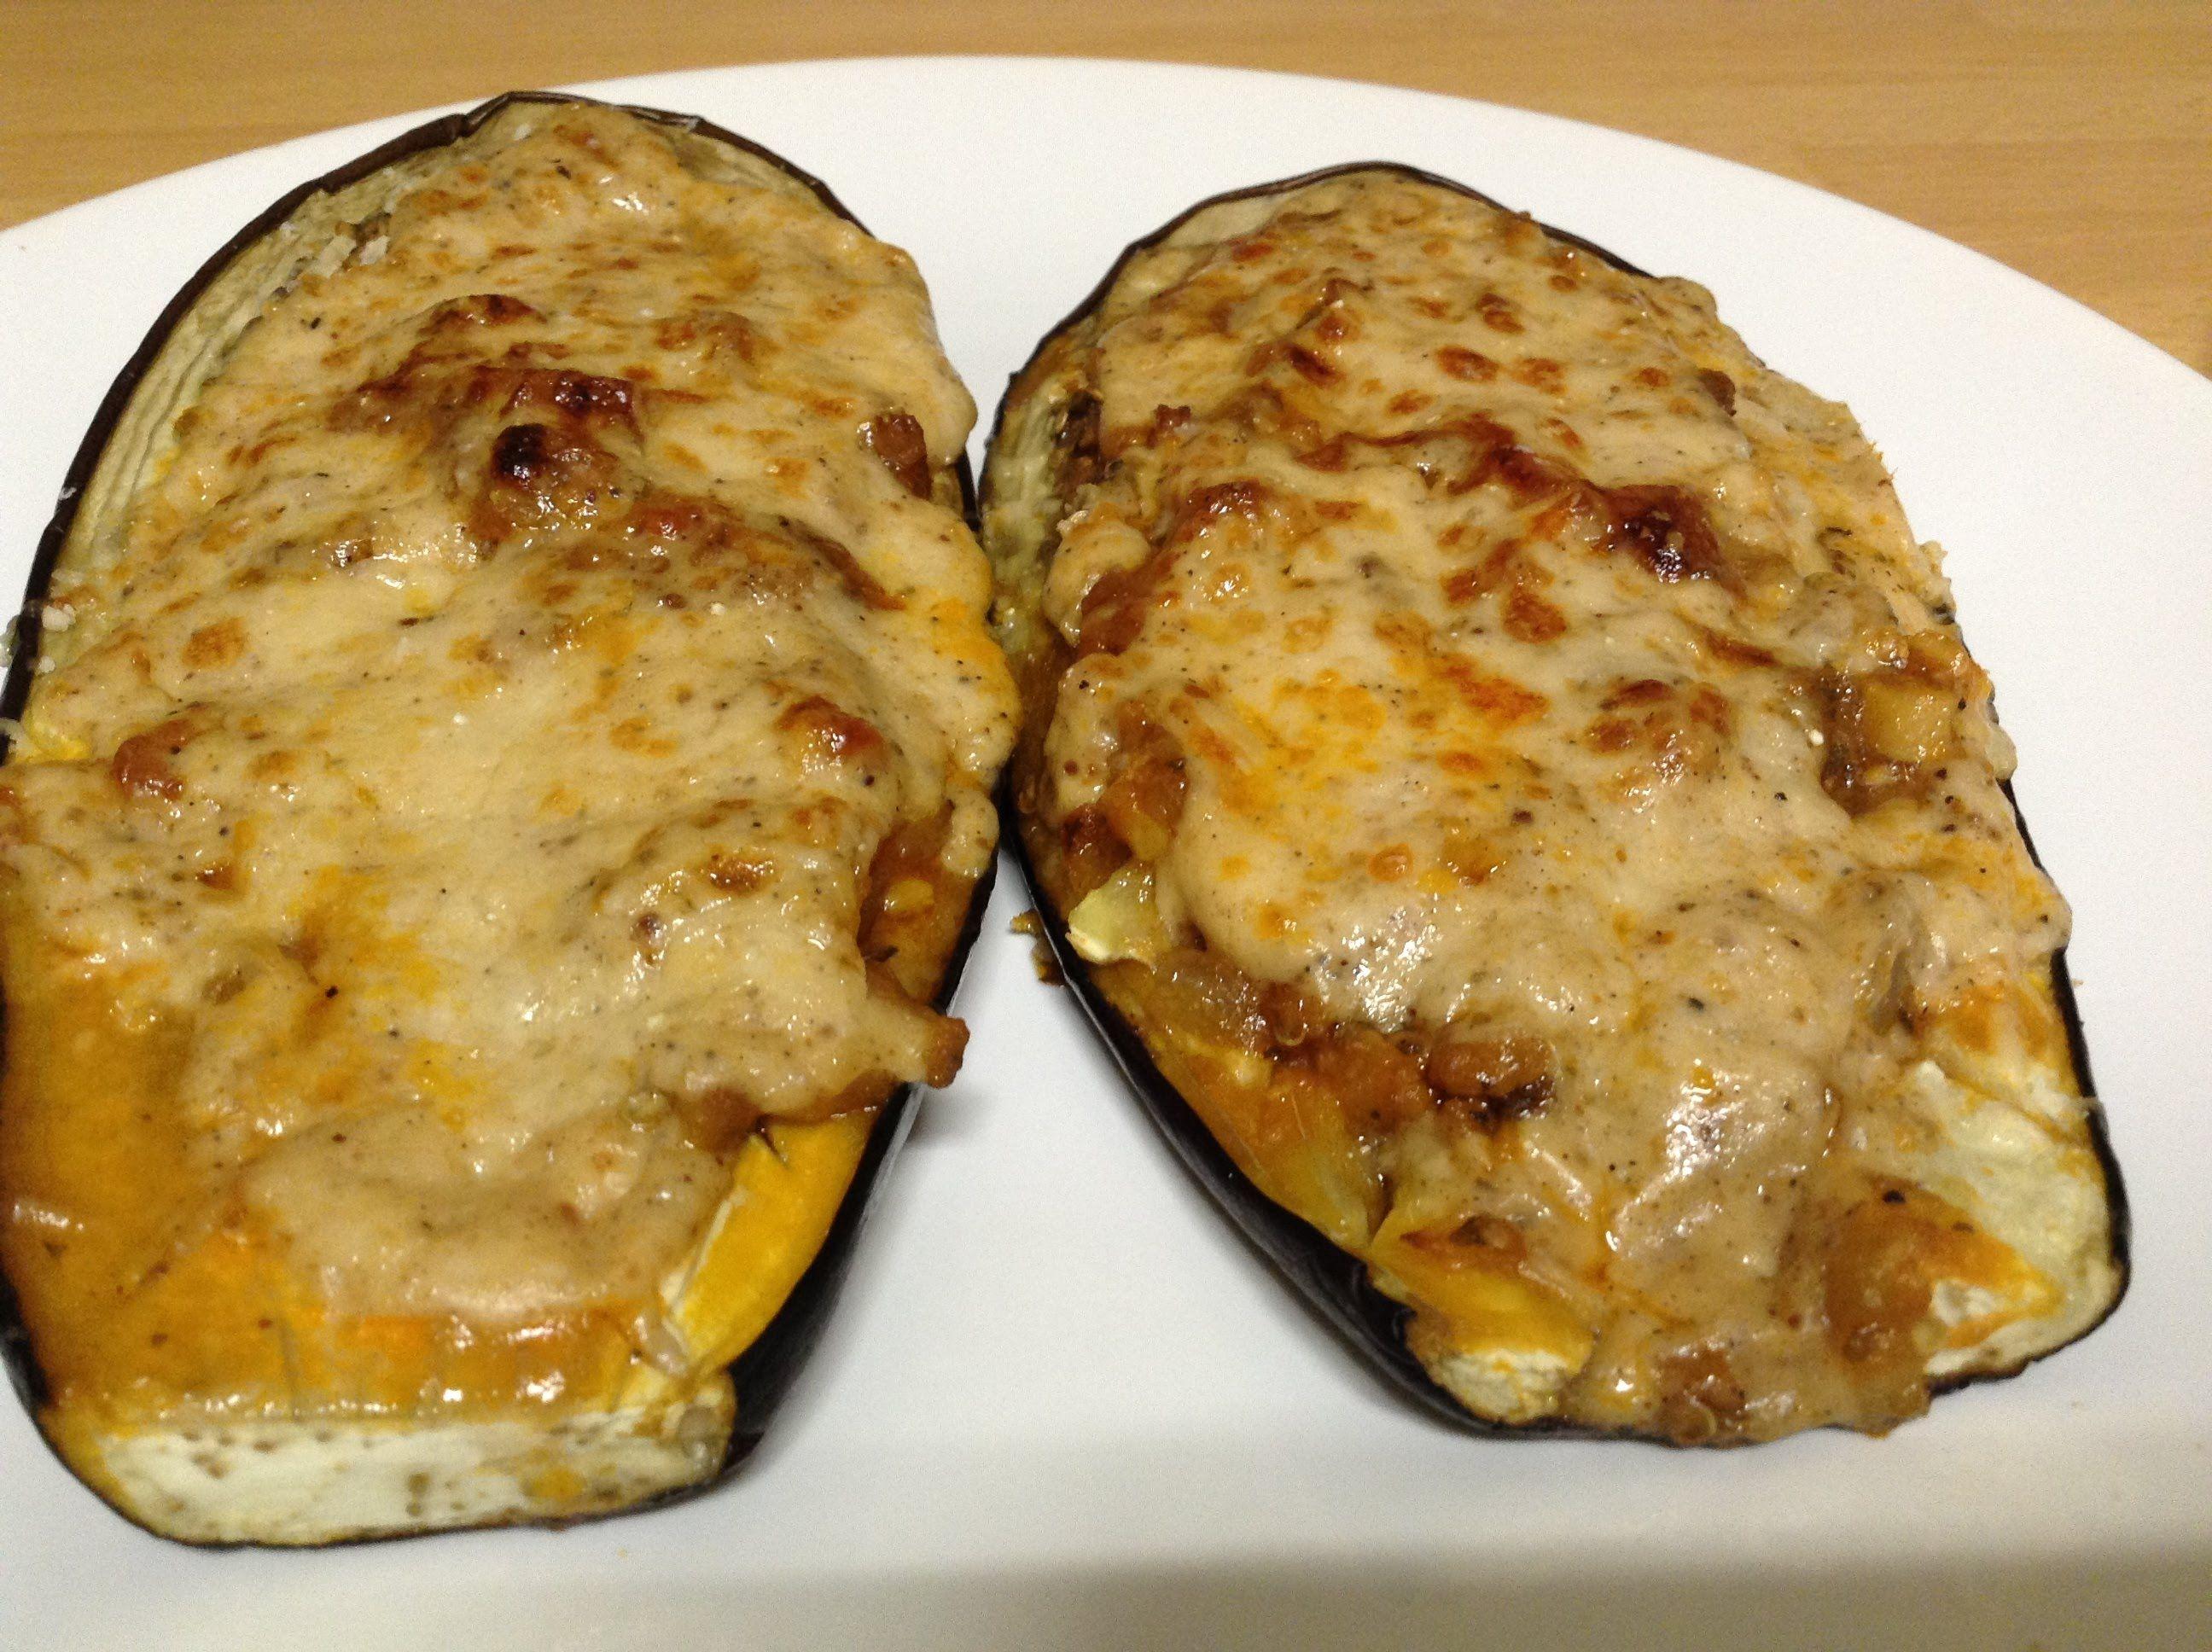 Berenjenas rellenas al horno recetas de cocina faciles y economicas snacks appetizers - Berenjenas rellenas al horno ...